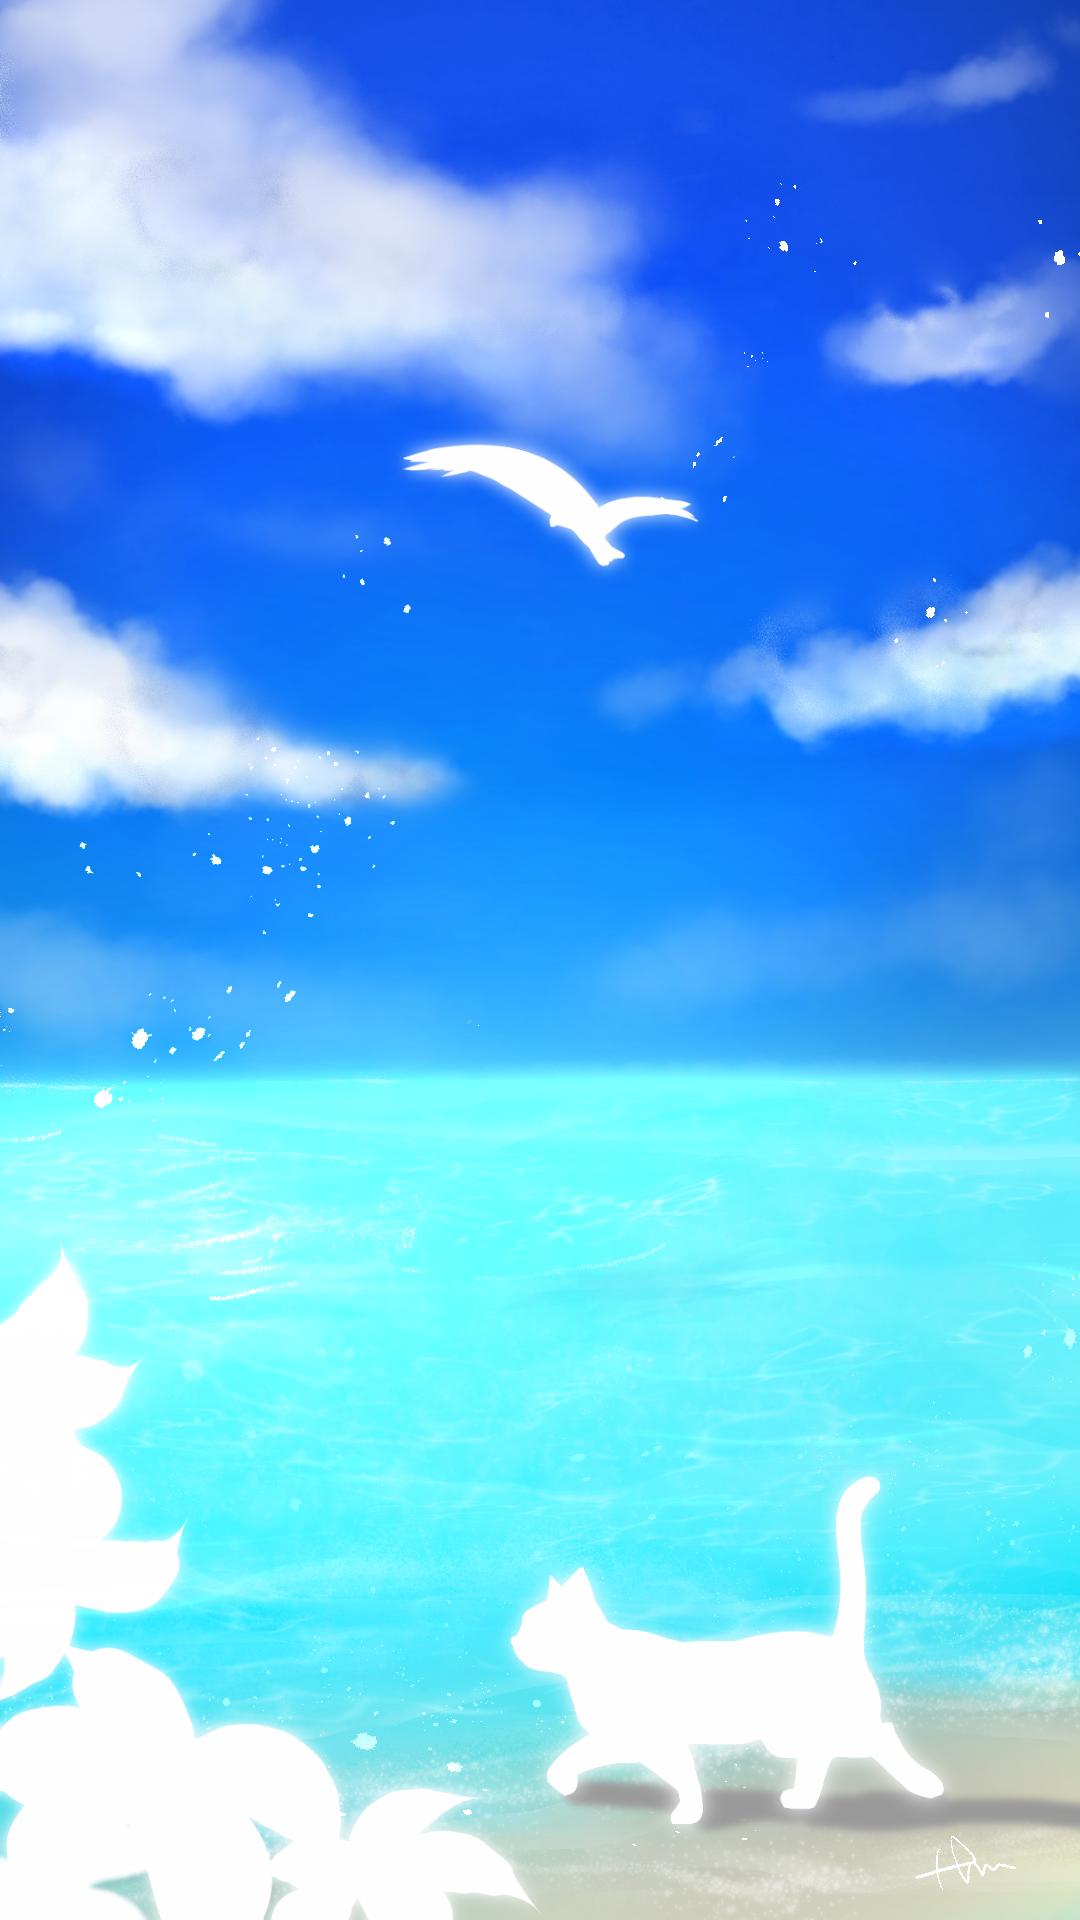 スマホ用壁紙青空と海と猫